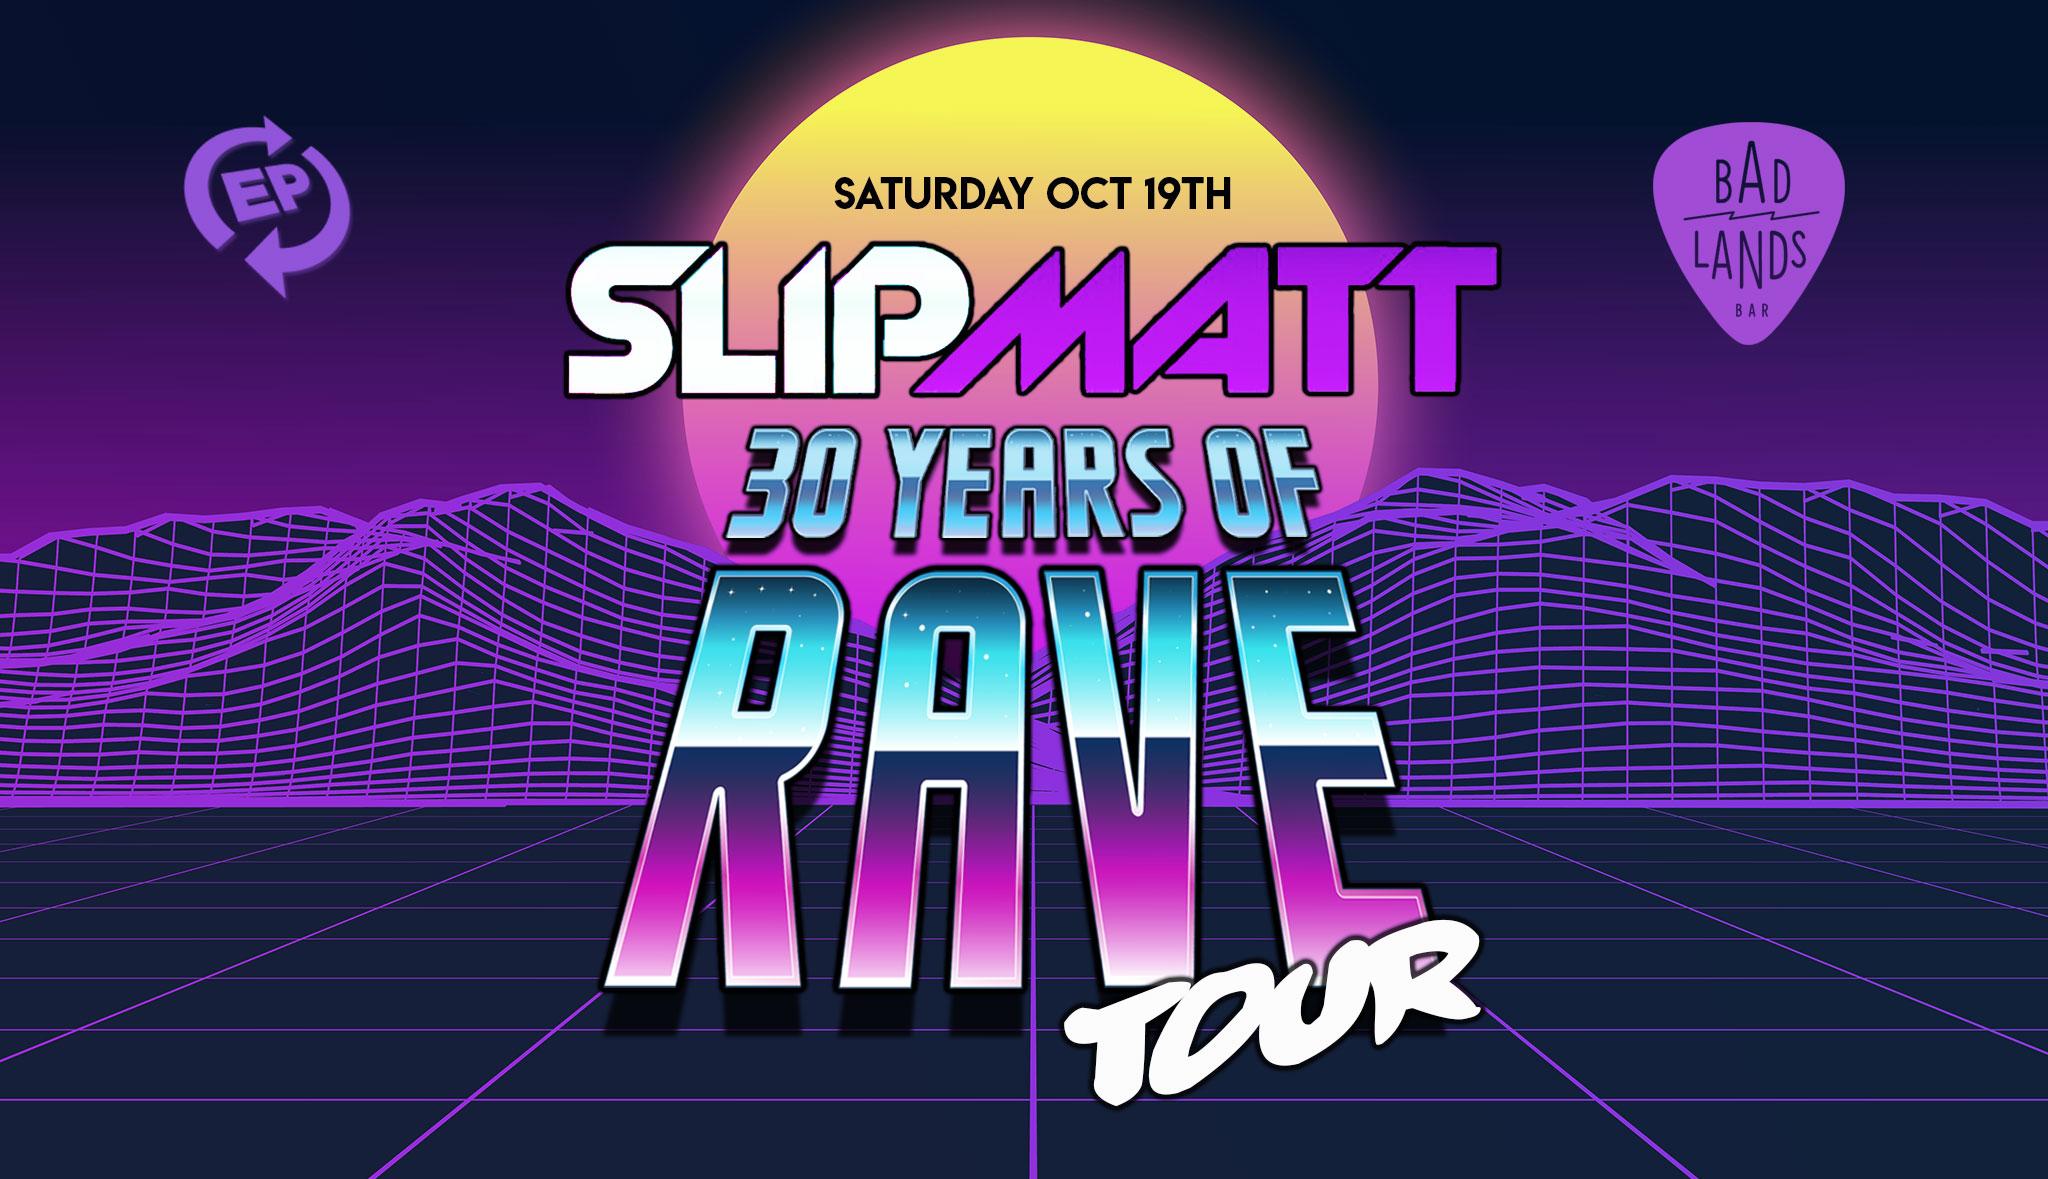 DJ Slipmatt – 30 Years of Rave Tour